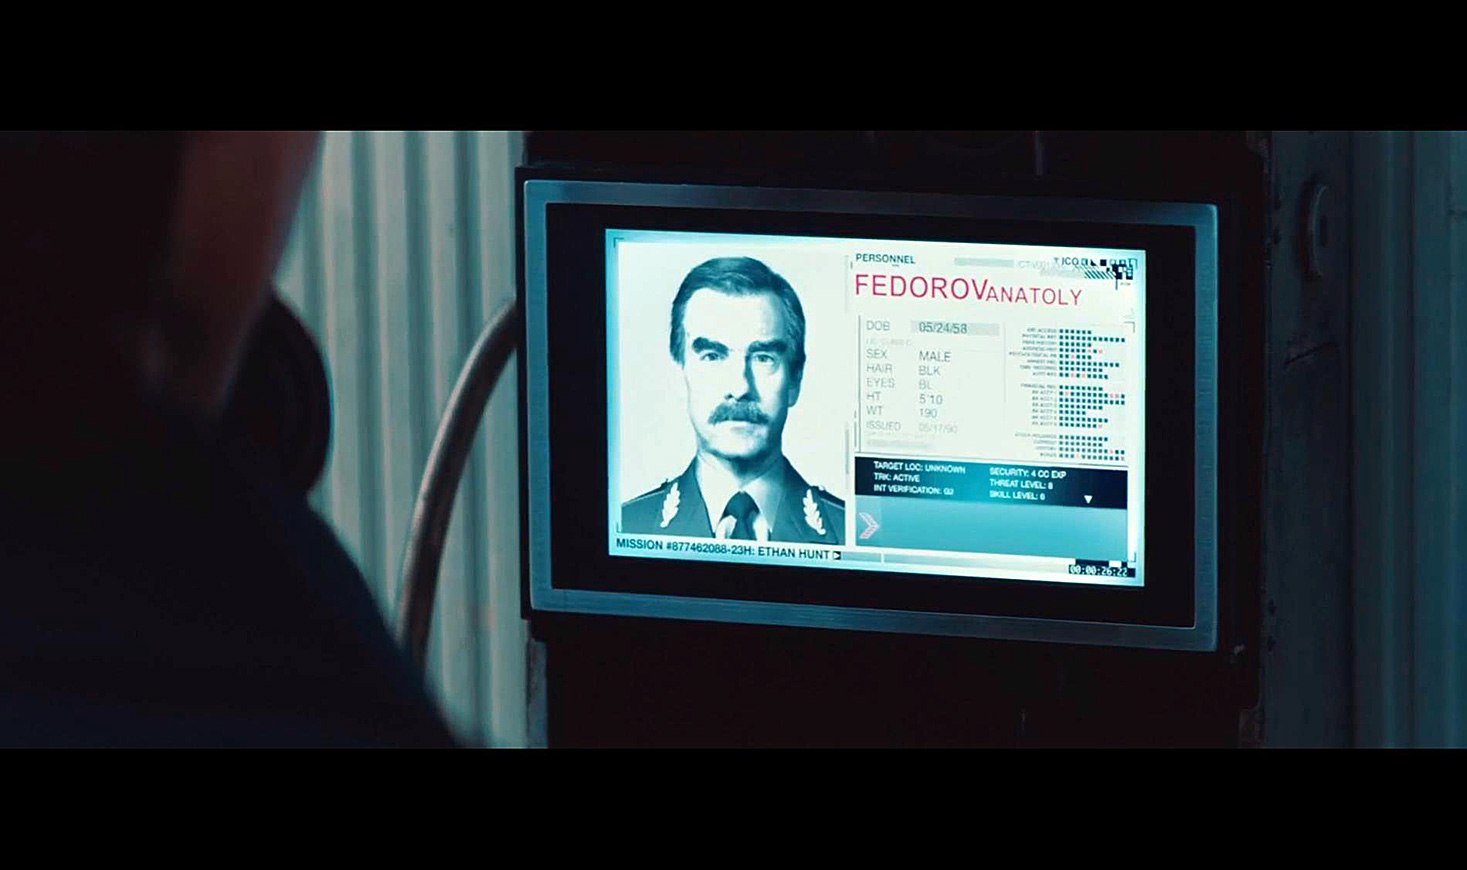 Mission: Impossible – Ghost Protocol. Sumber: Cuplikan layar dari film